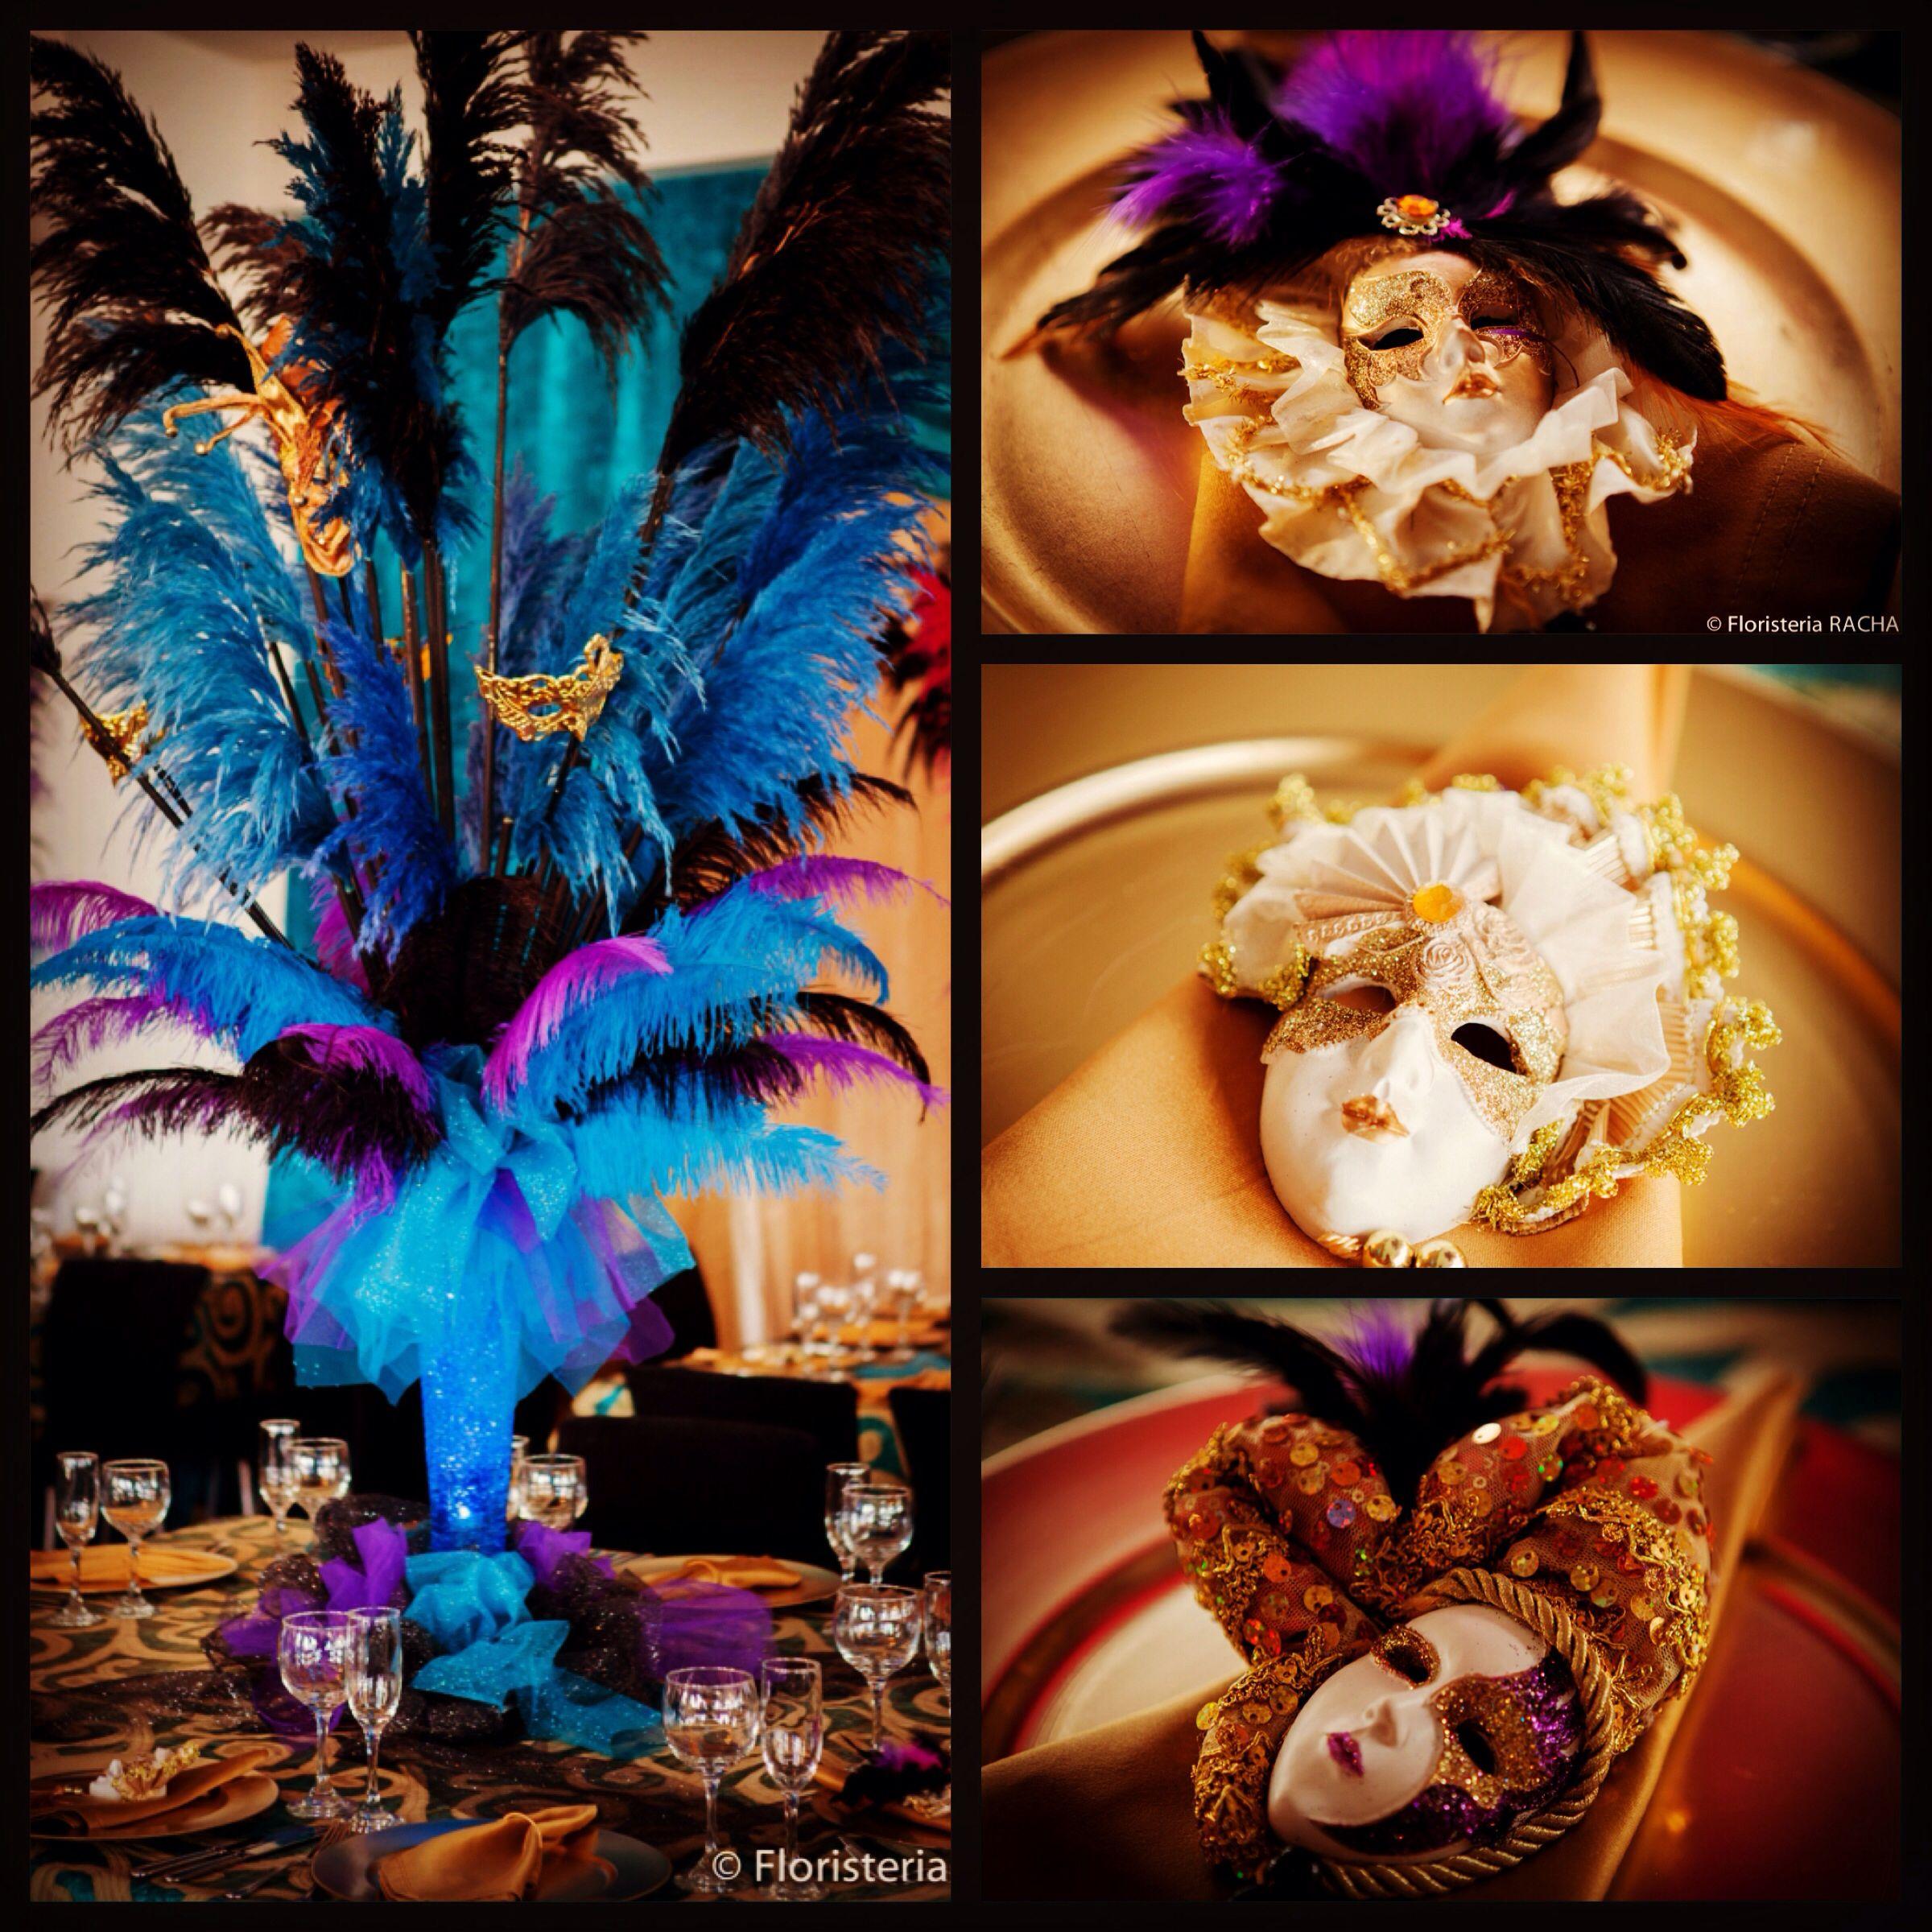 Hermoso centro de mesa decoraci n de carnaval fiesta - Decoracion de carnaval ...